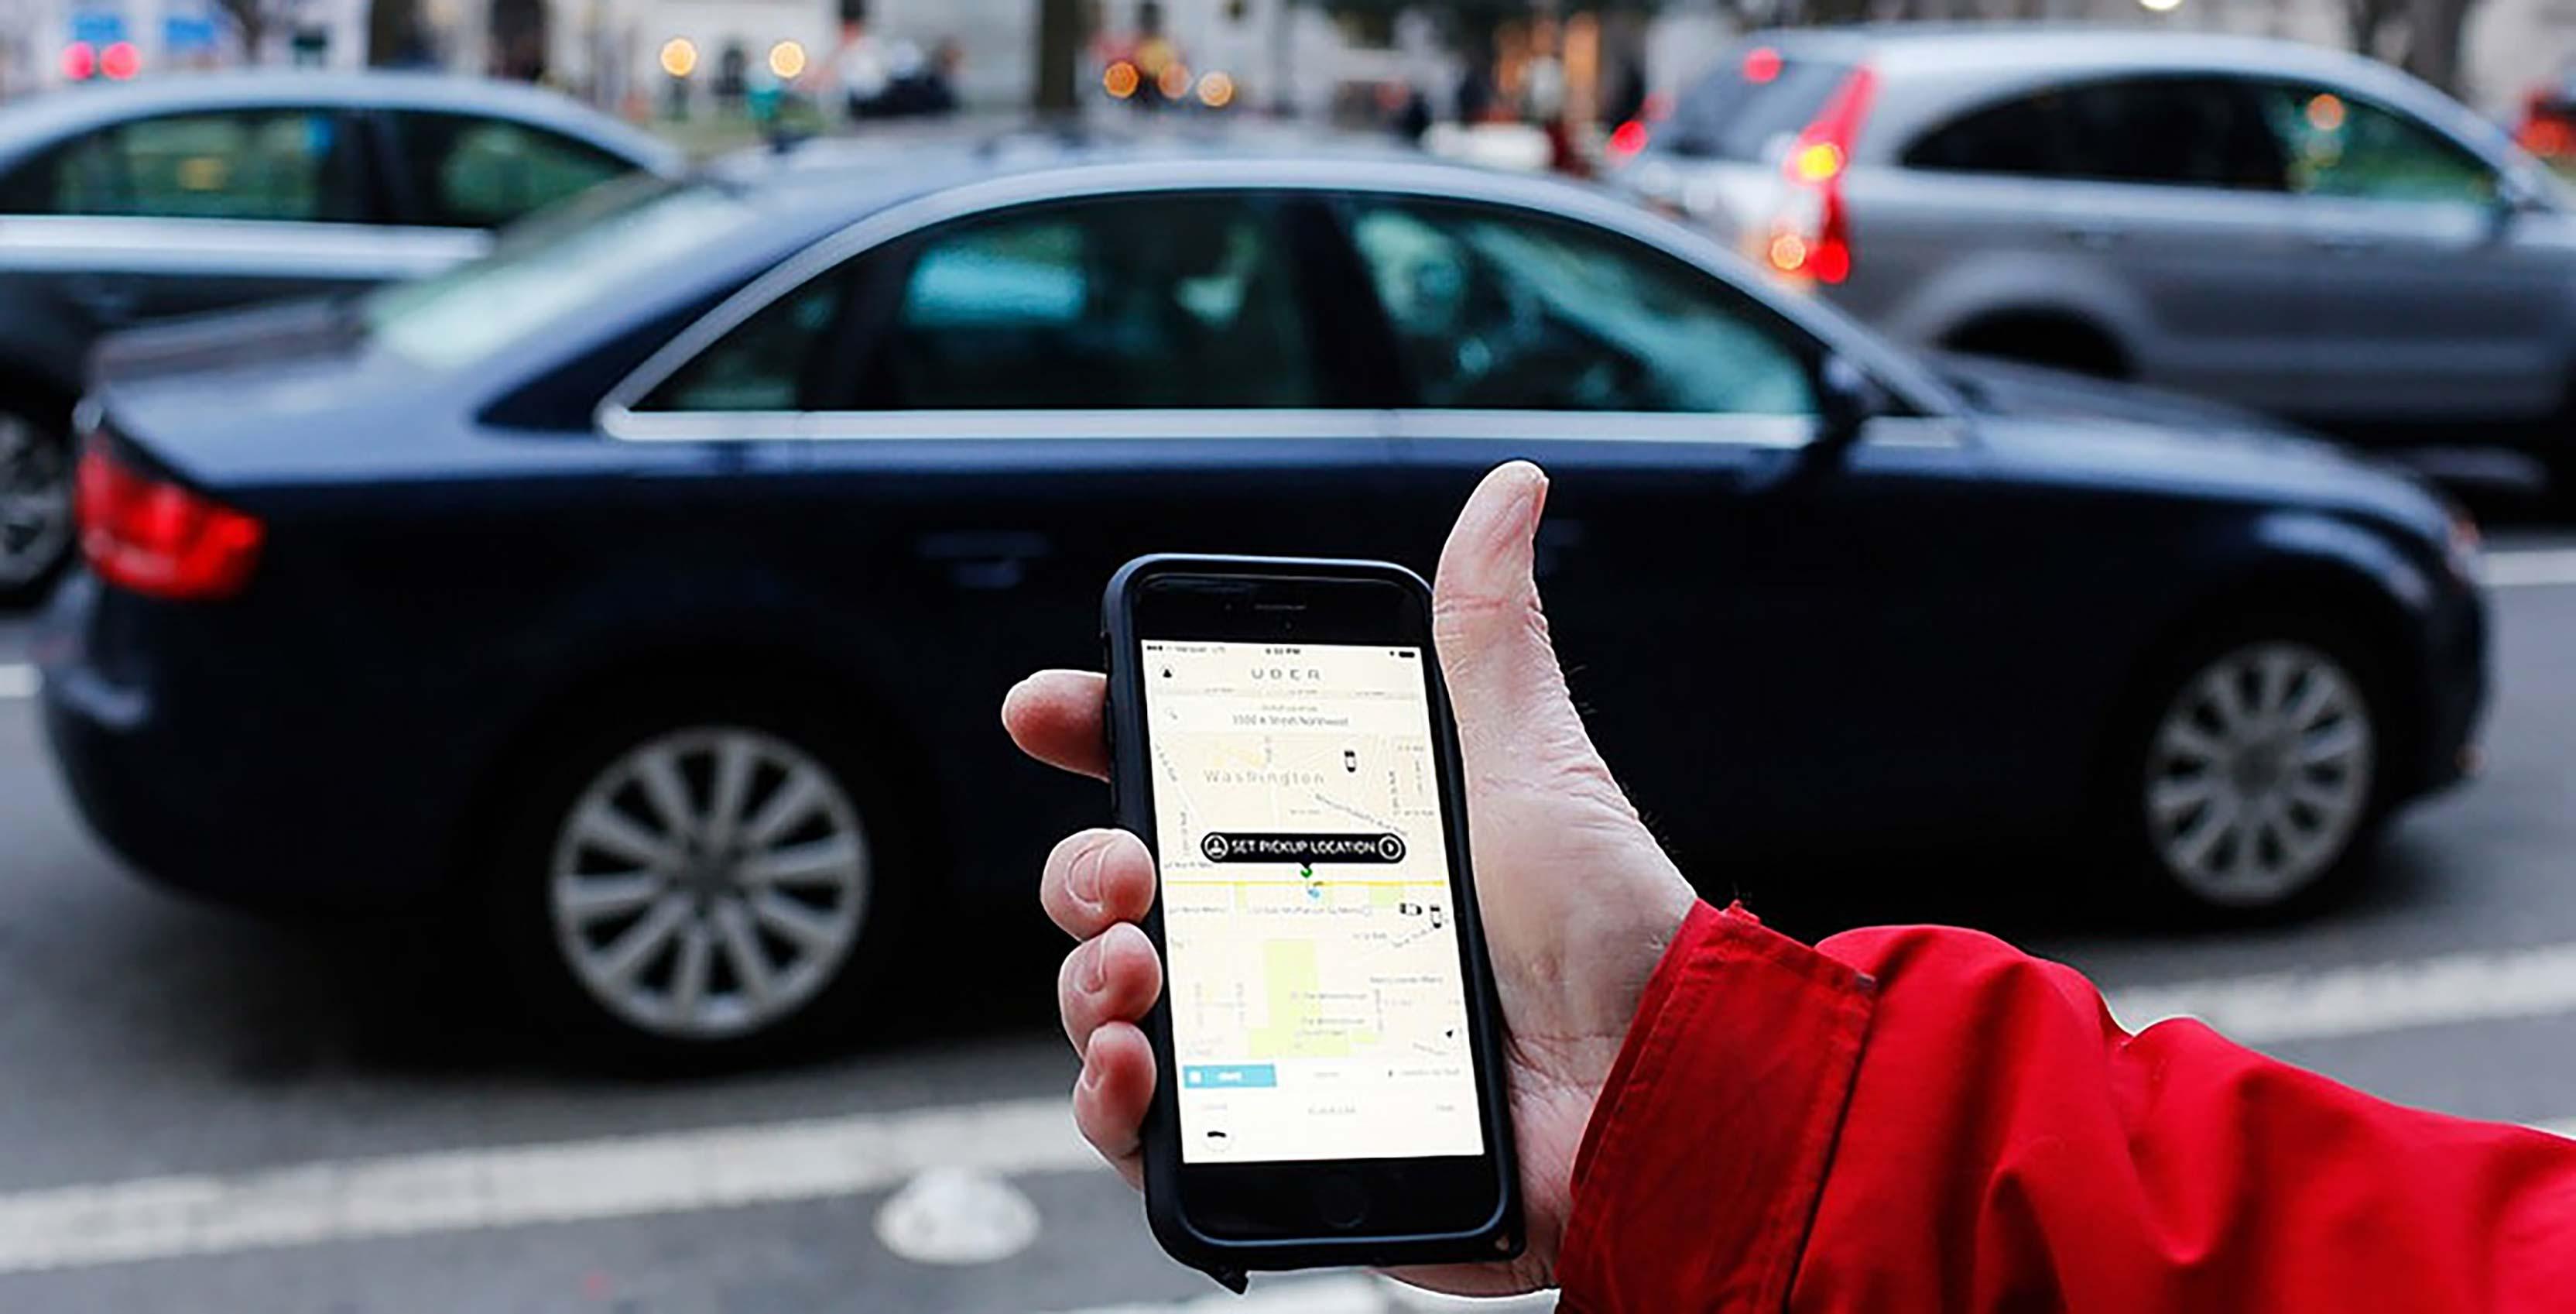 Uber calls self-driving cars